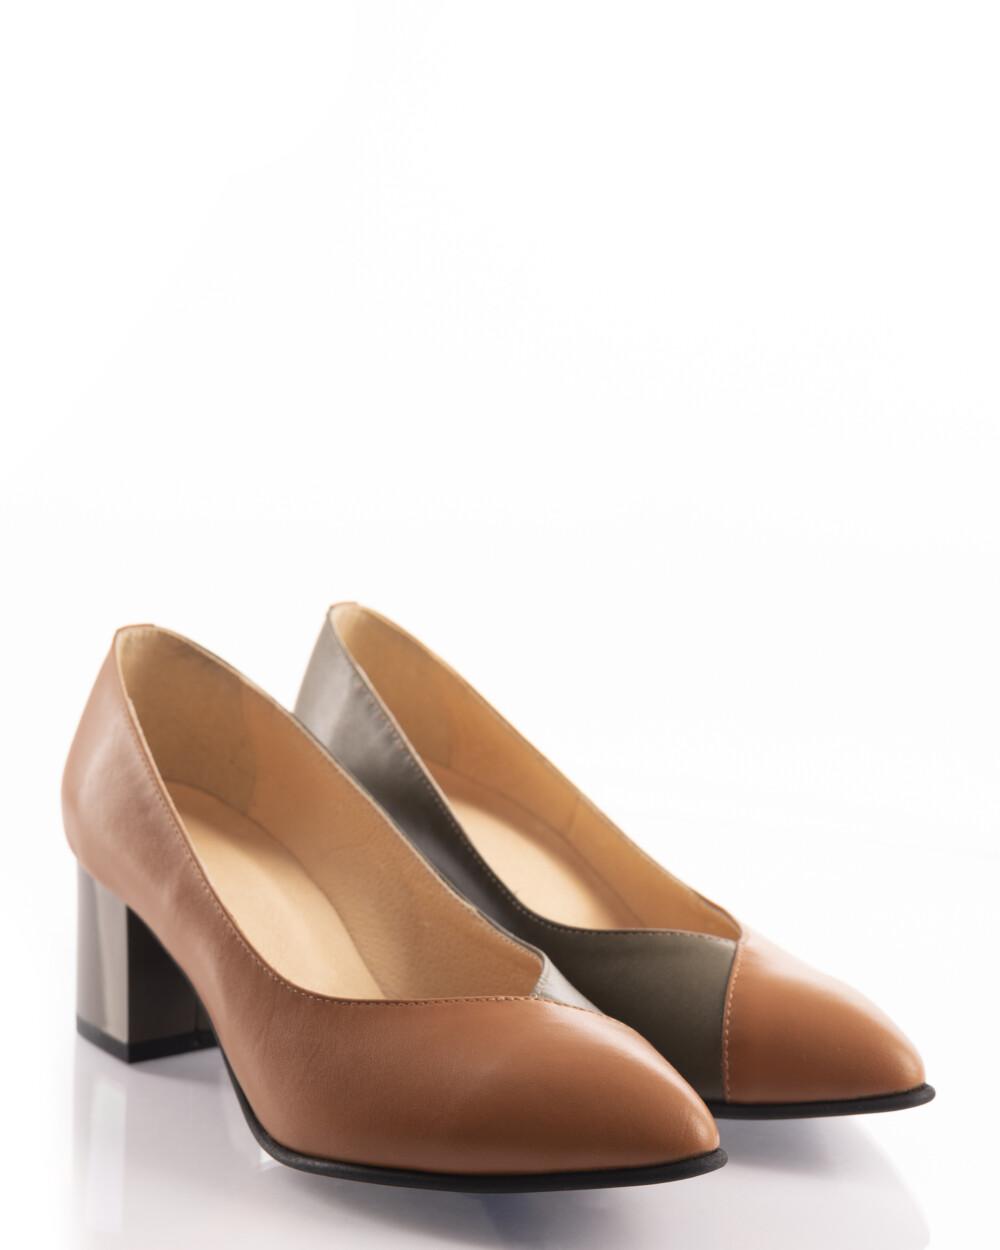 pantofi muștar din piele naturală